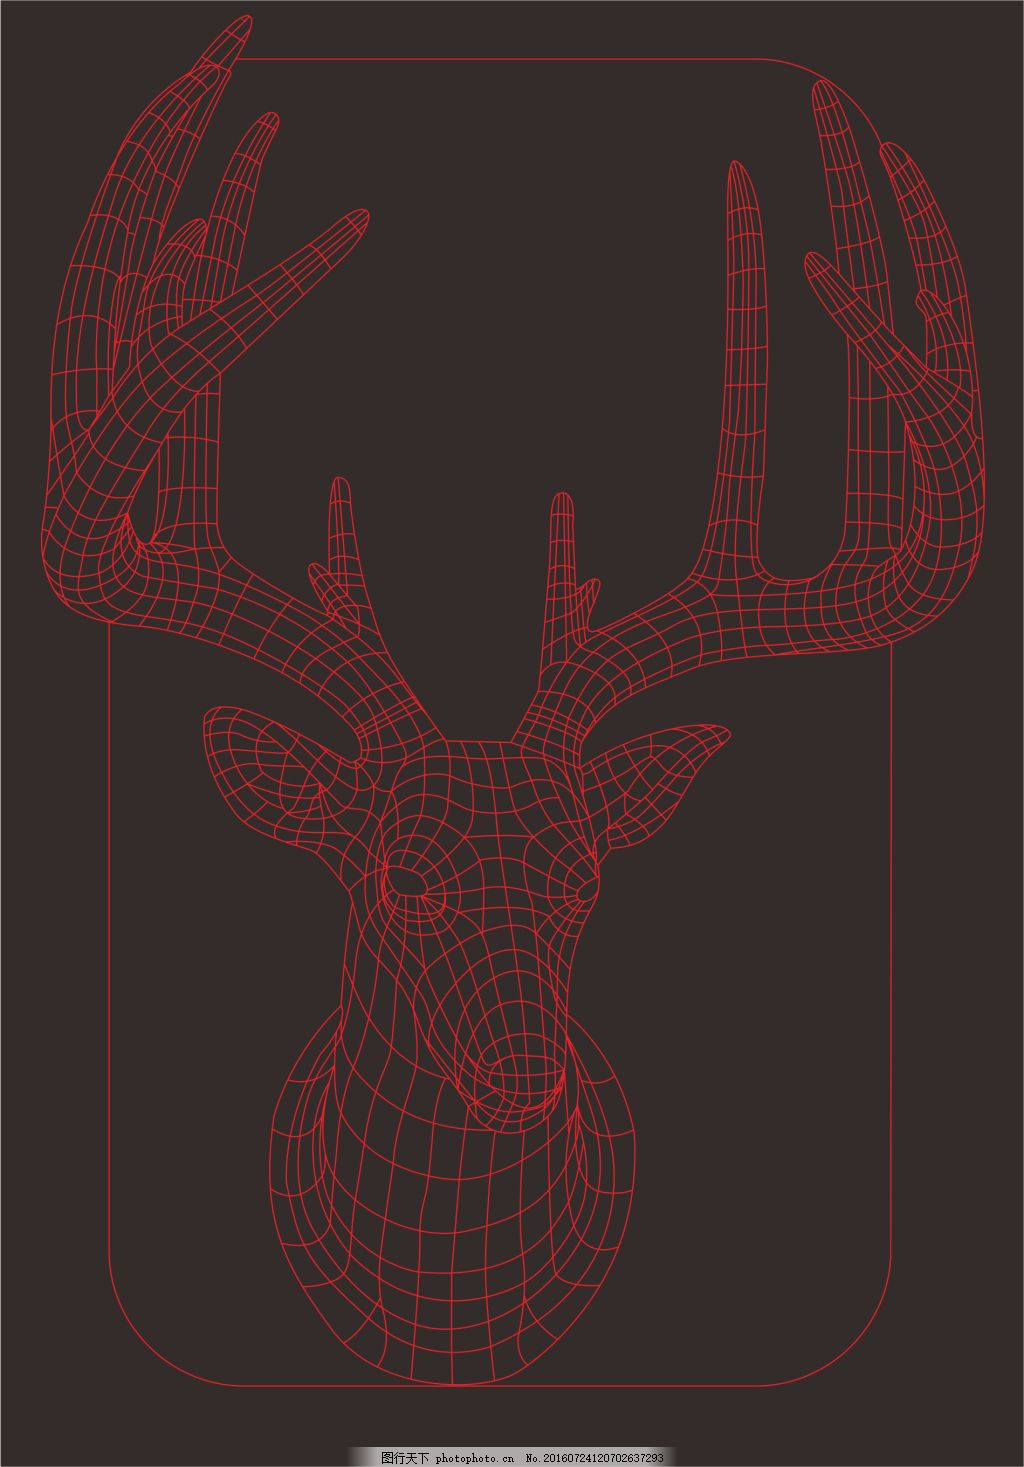 台灯 线条 夜灯 cnc 描边 3d 灯泡 平面3d  创意 鹿 梅花鹿 鹿茸 鹿头